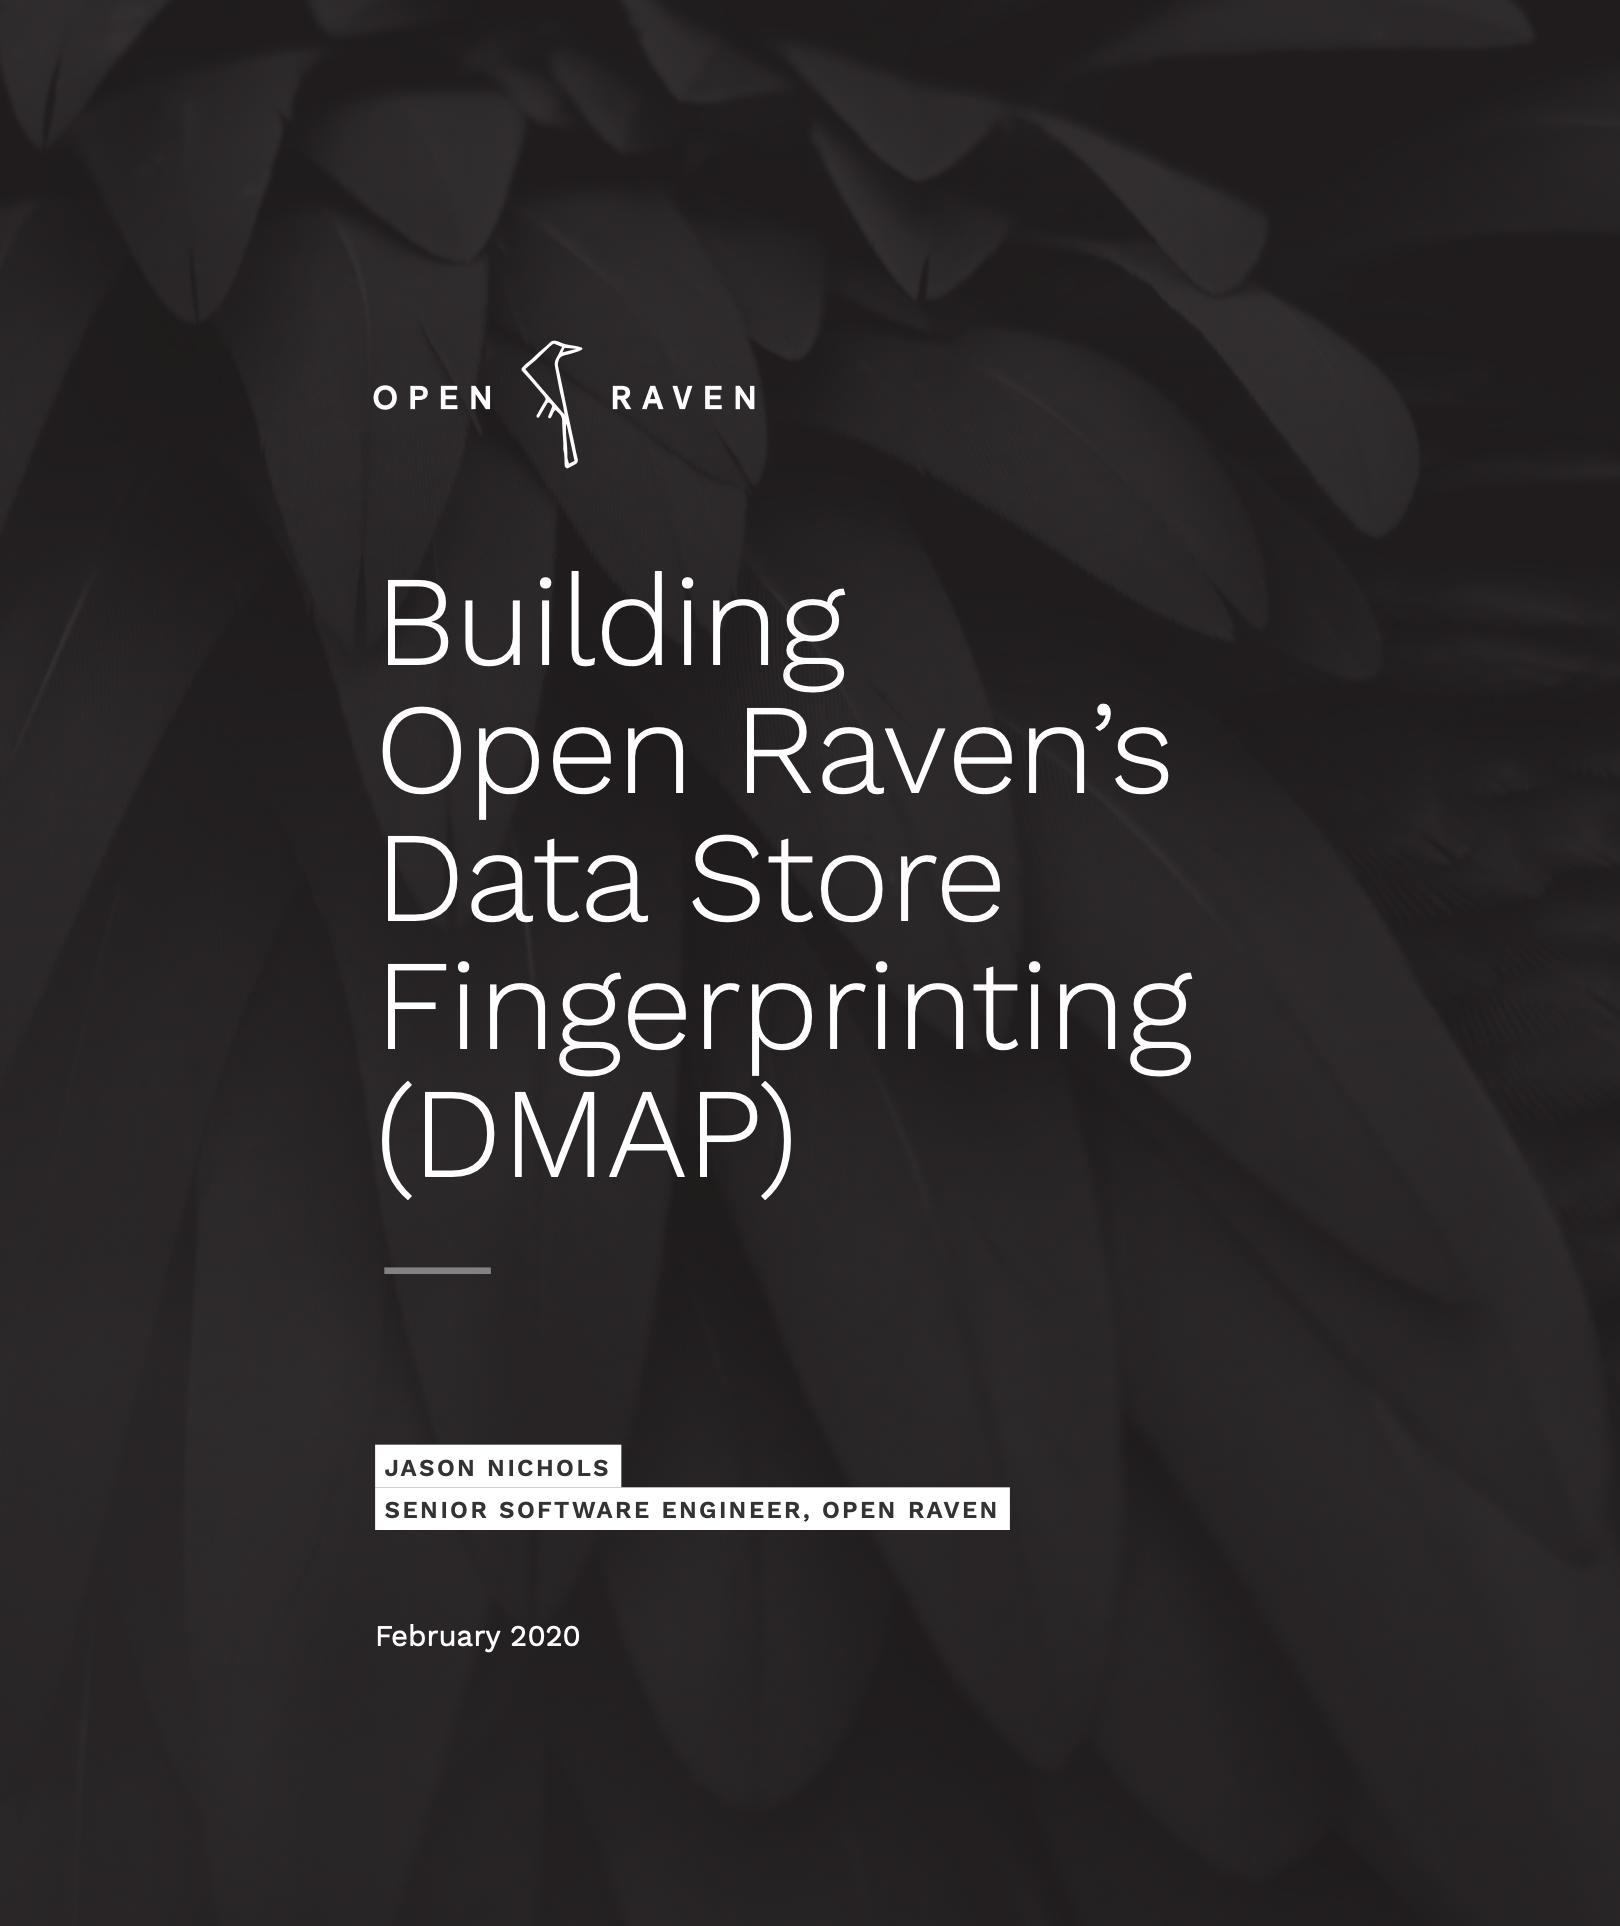 Building Open Raven's Data Store Fingerprinting (DMAP) cover